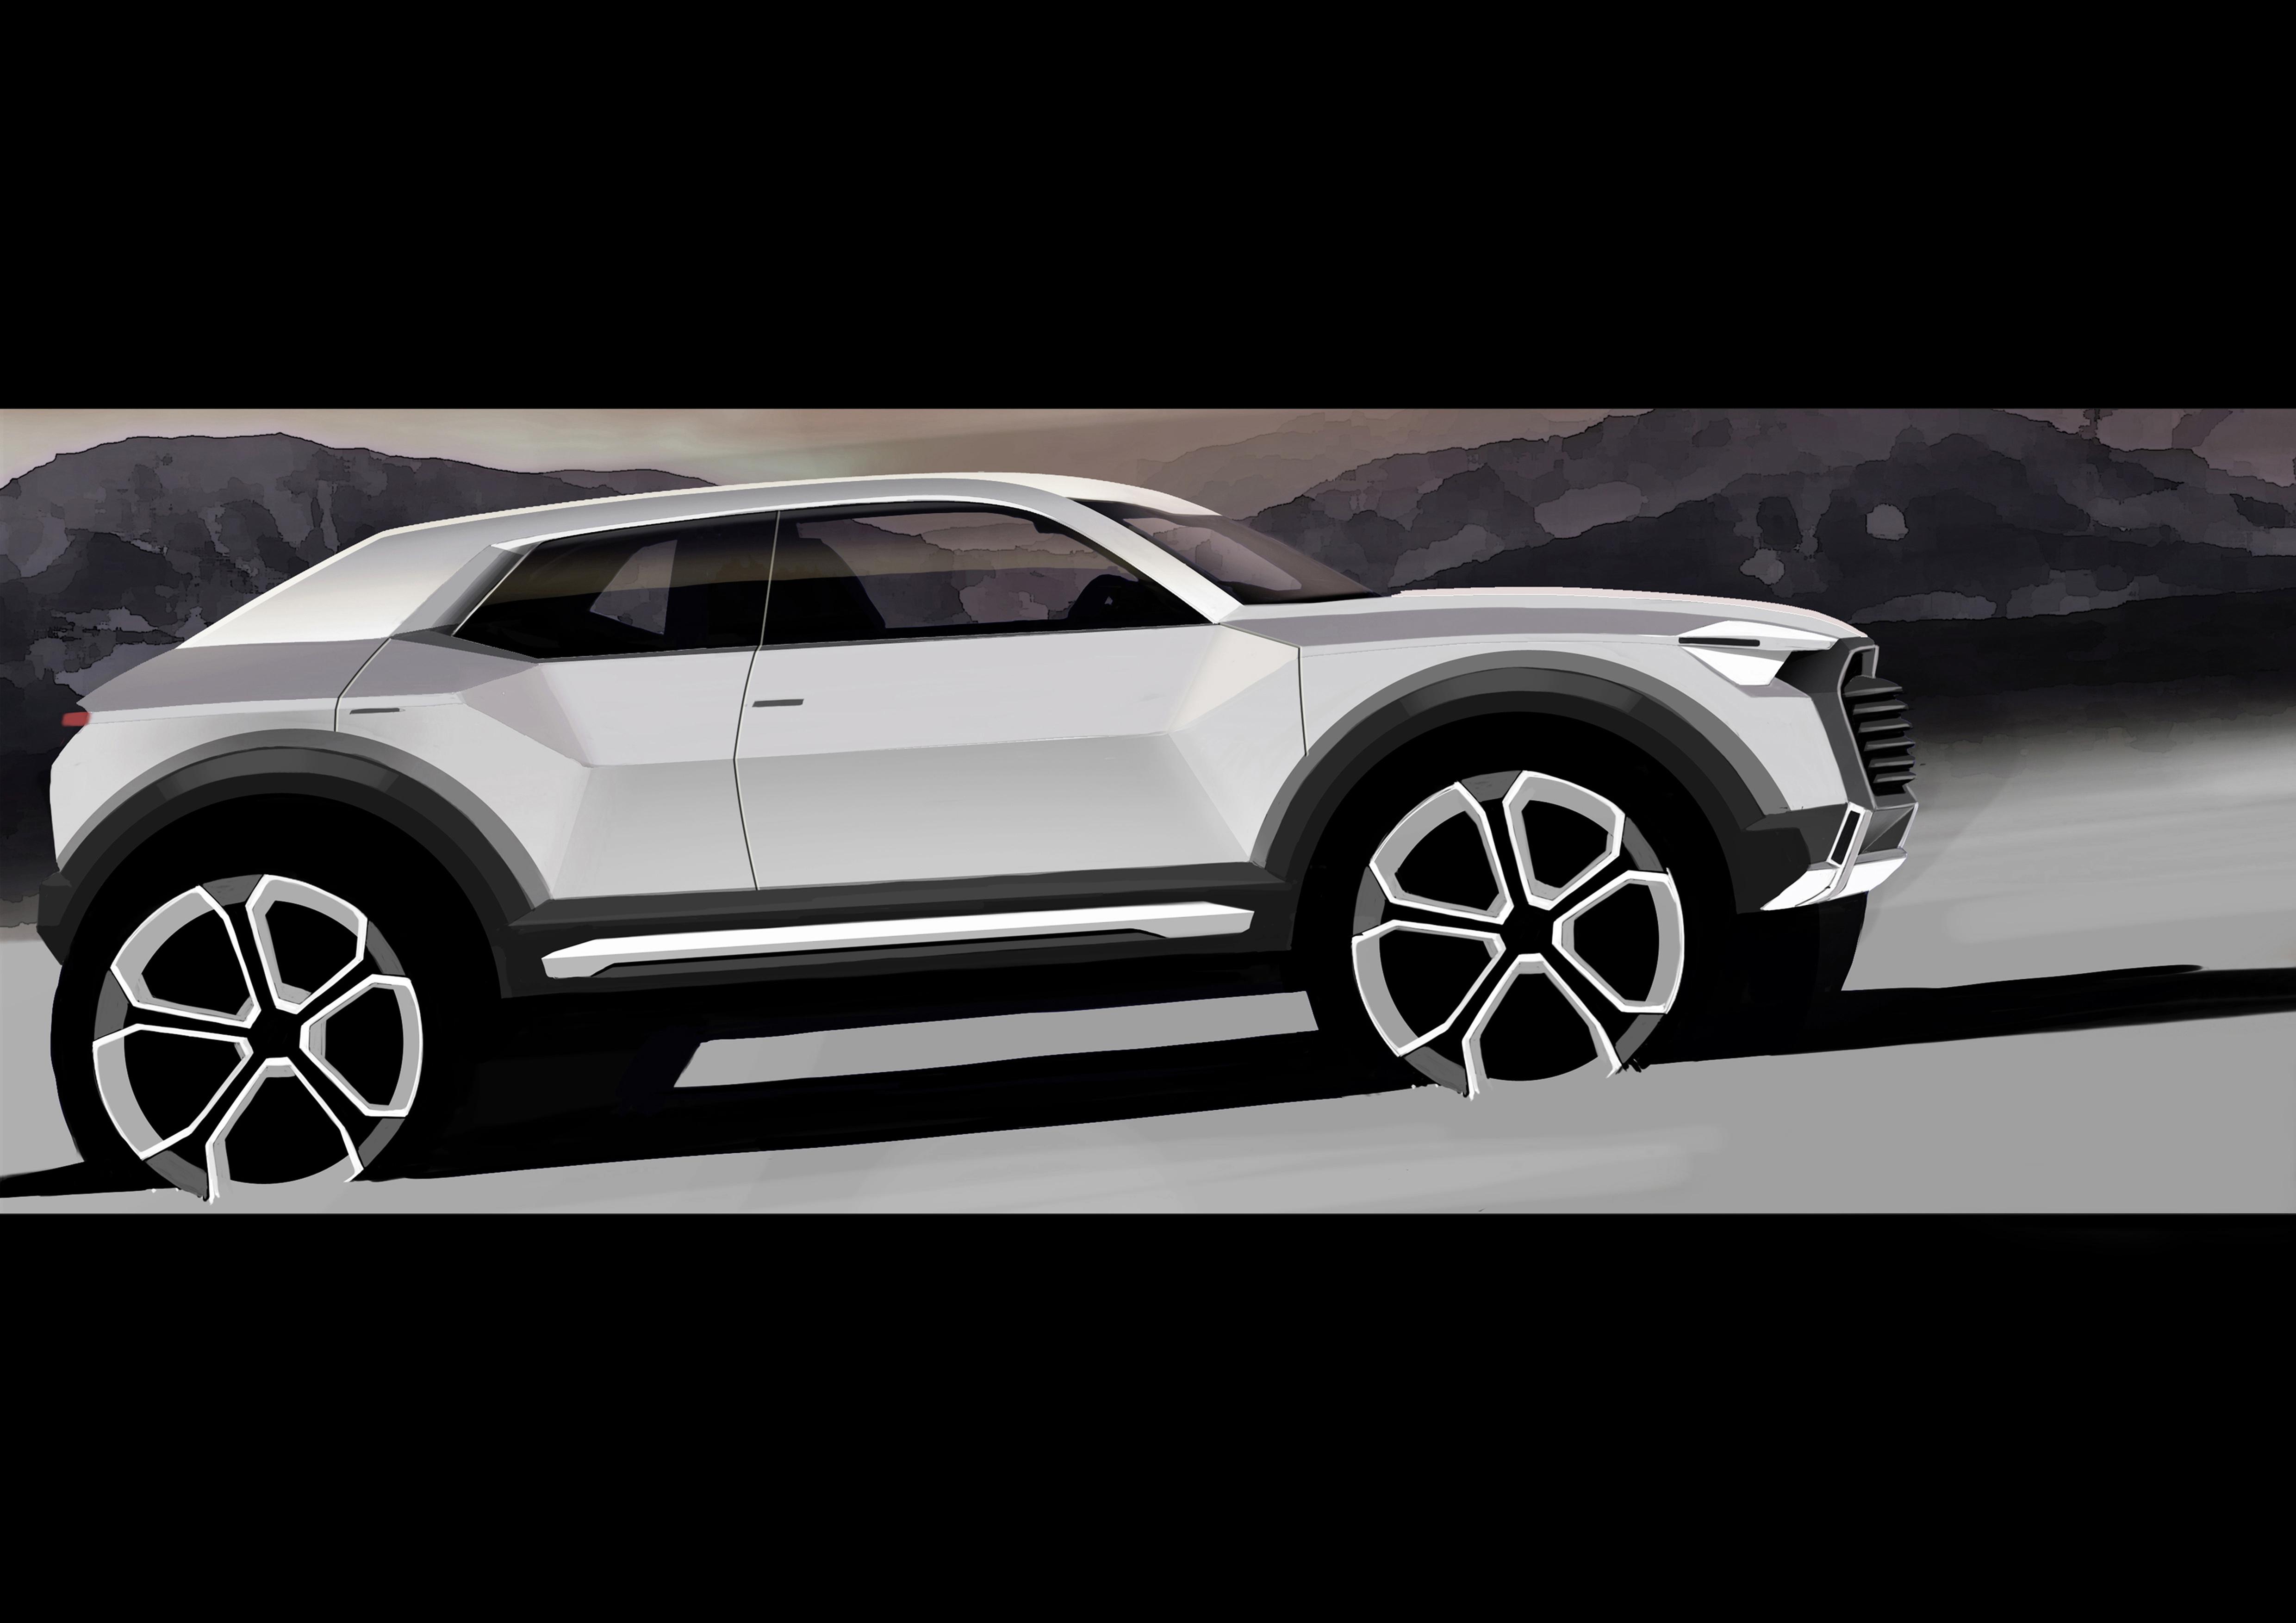 Audi Q1 concept